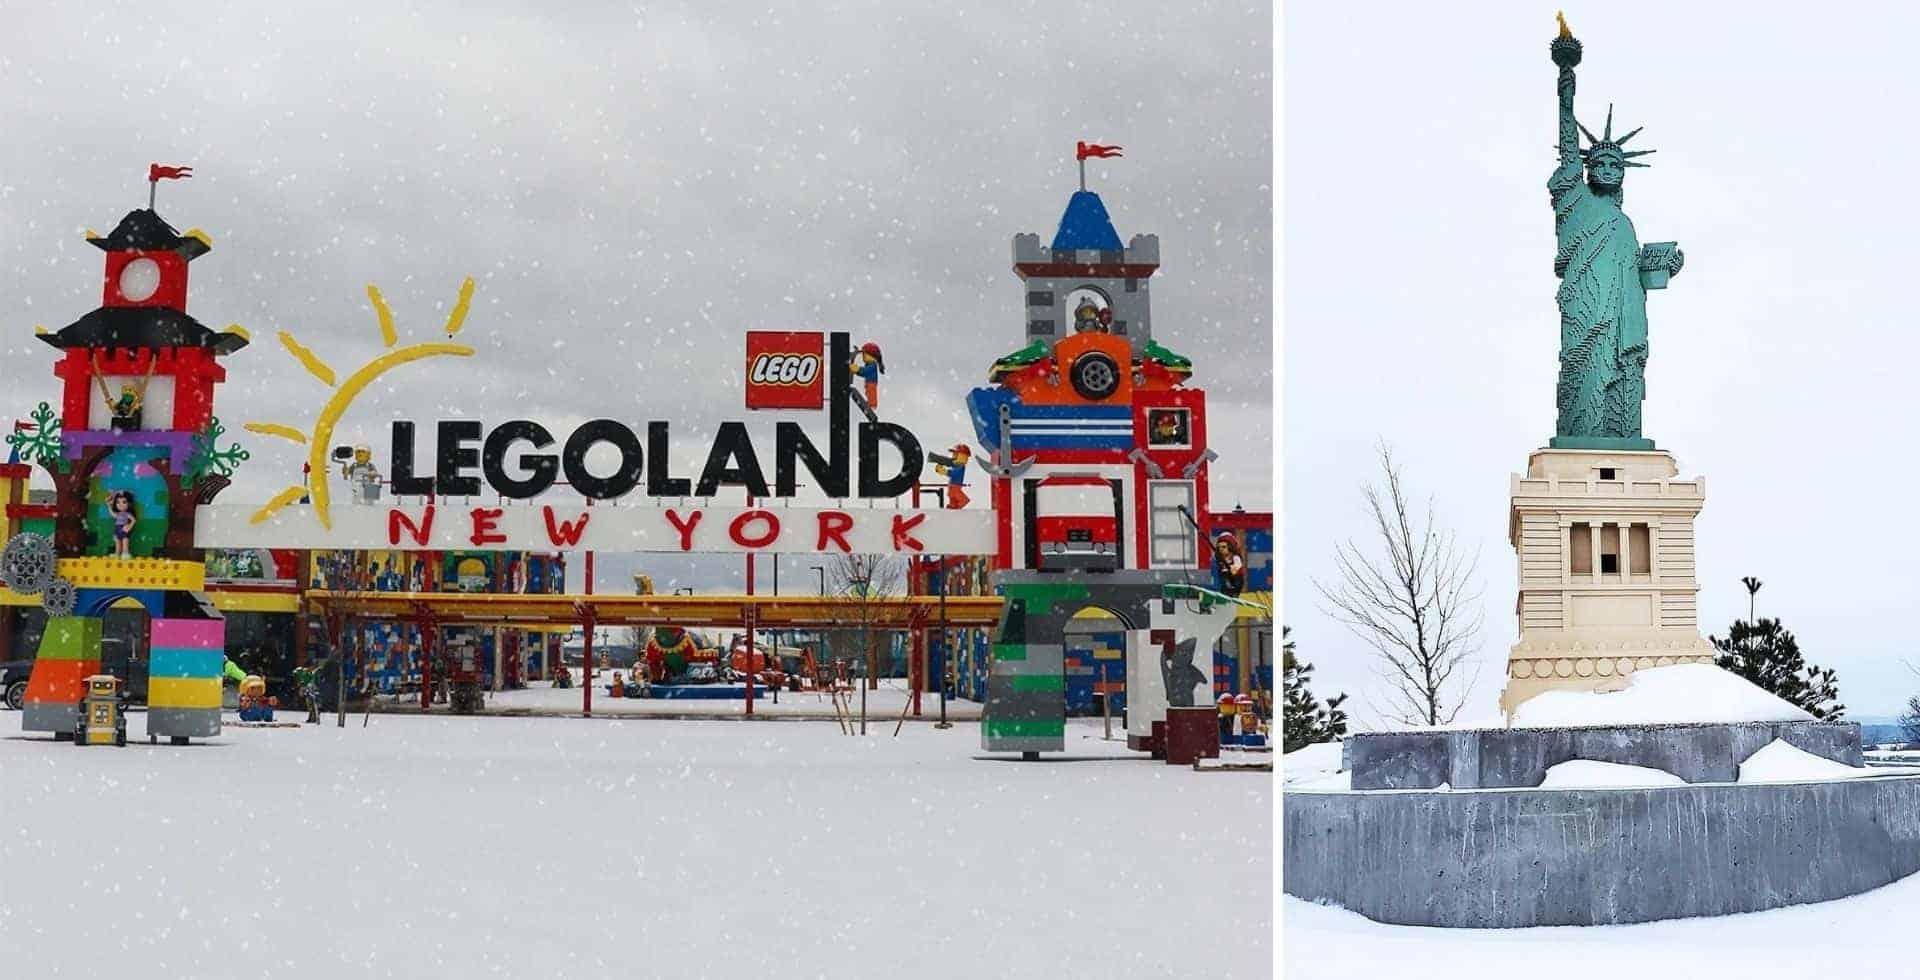 Legoland ya tiene fecha de apertura para su nuevo parque de Nueva York